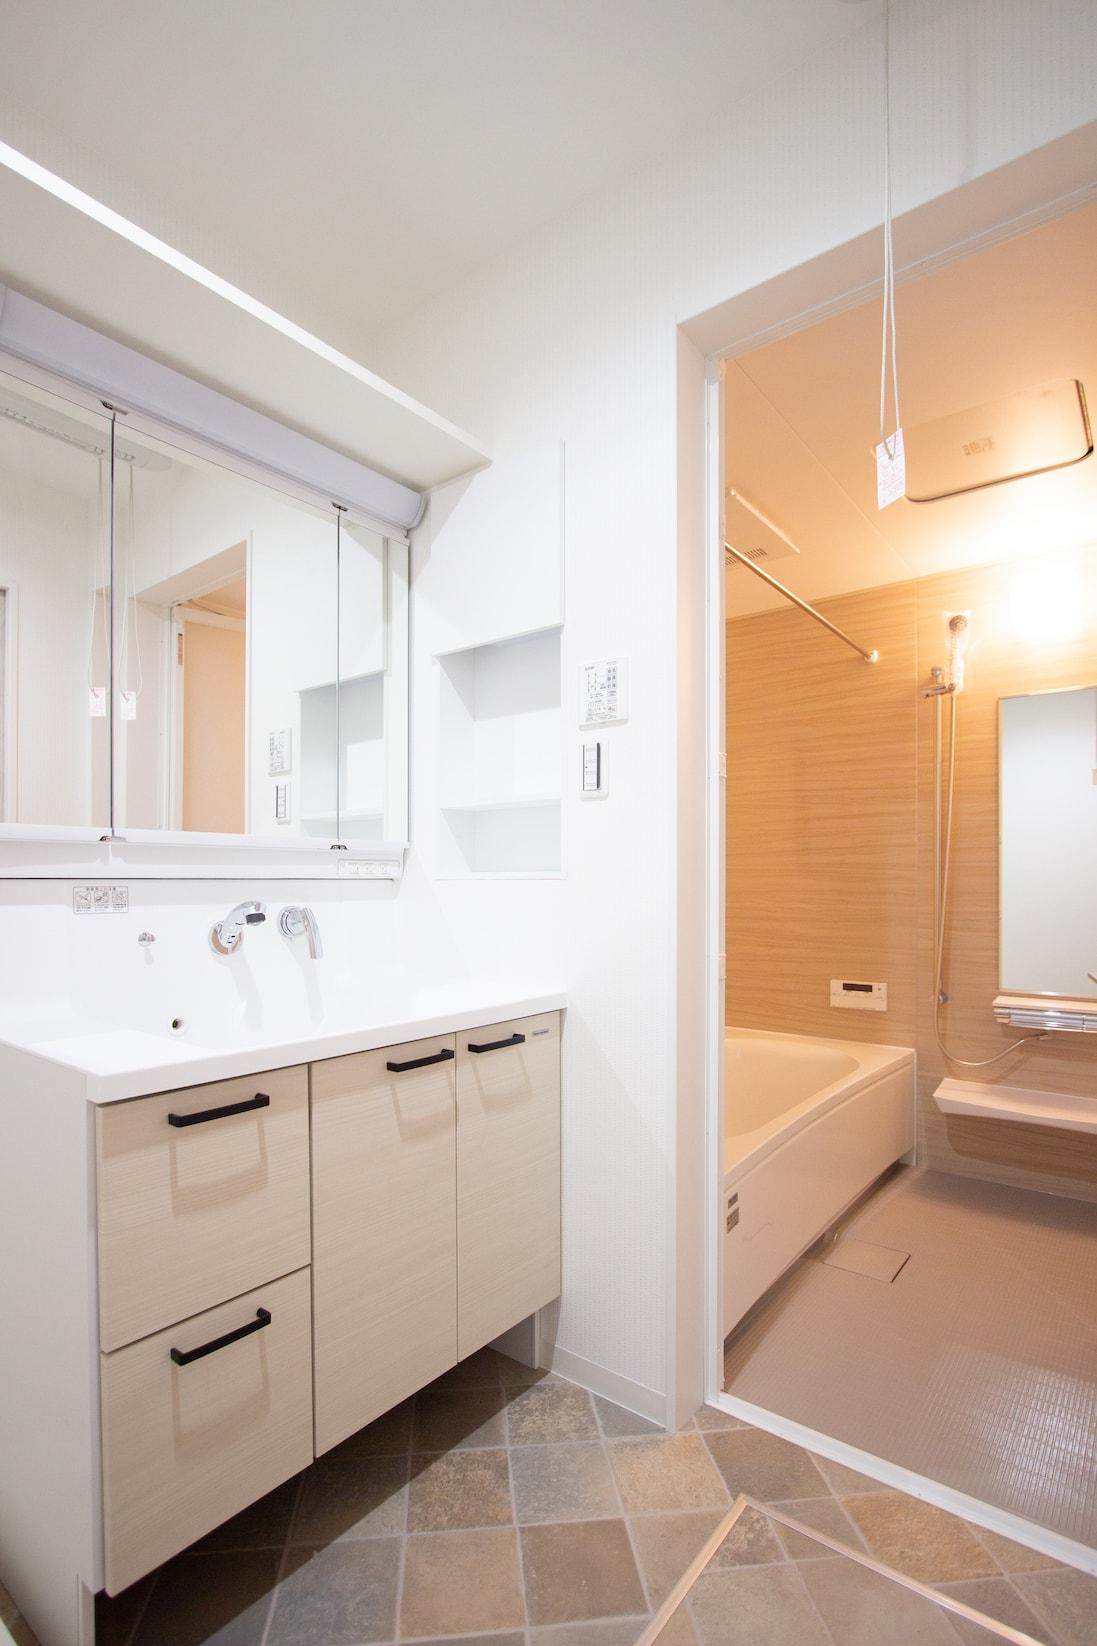 上野工務店,新築,内観,浴室,洗面